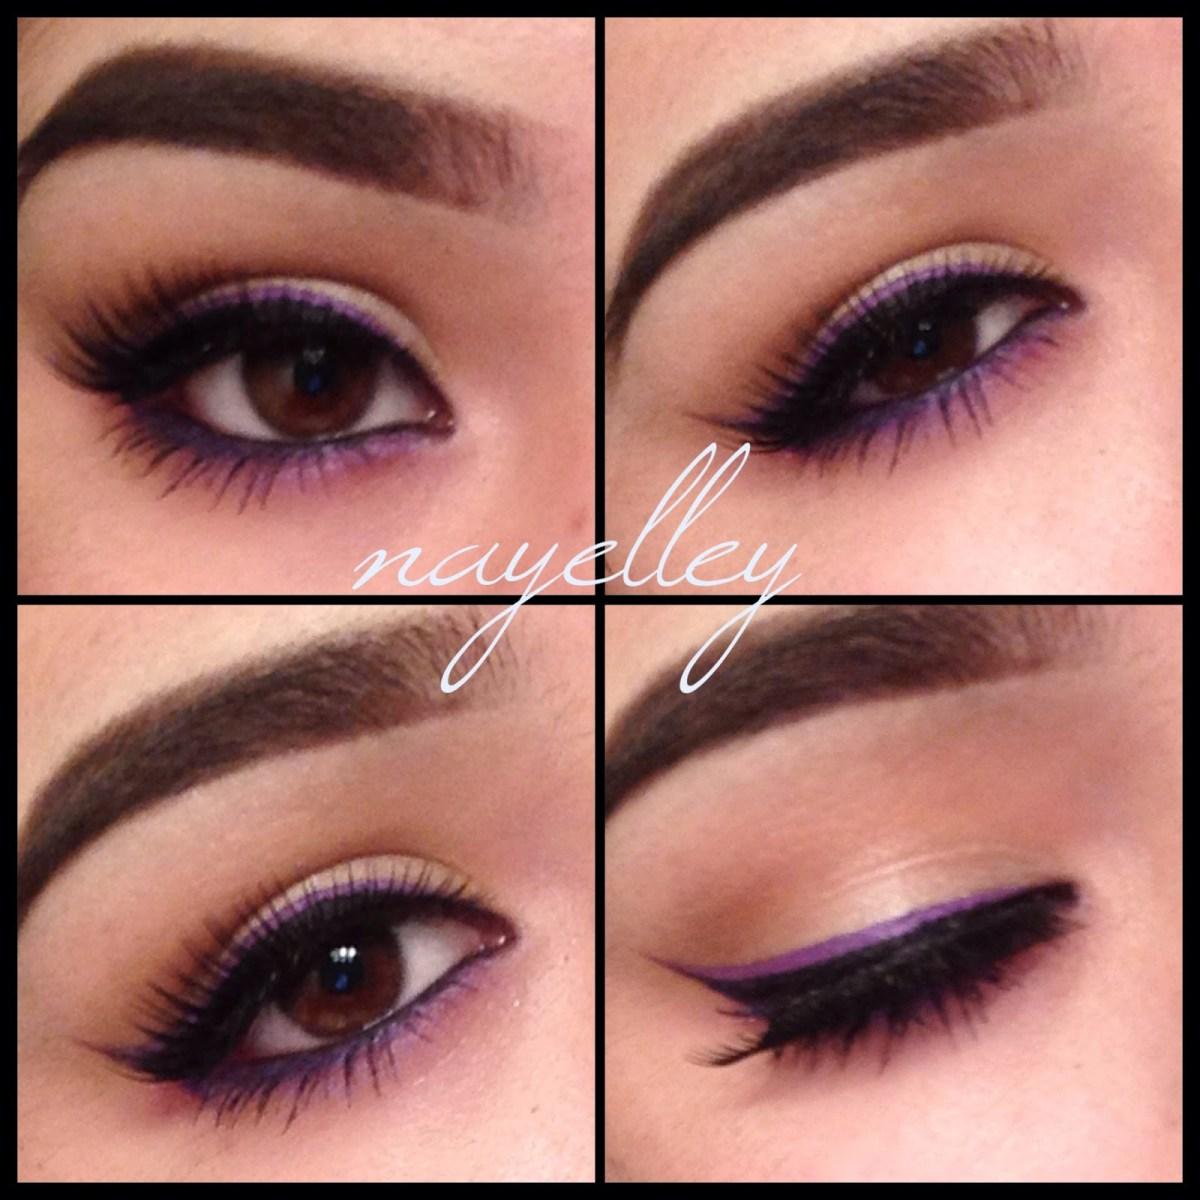 Brown And Purple Eye Makeup Makeup Nayelley Brown Eye Girl Series Purple Double Winged Eyeliner